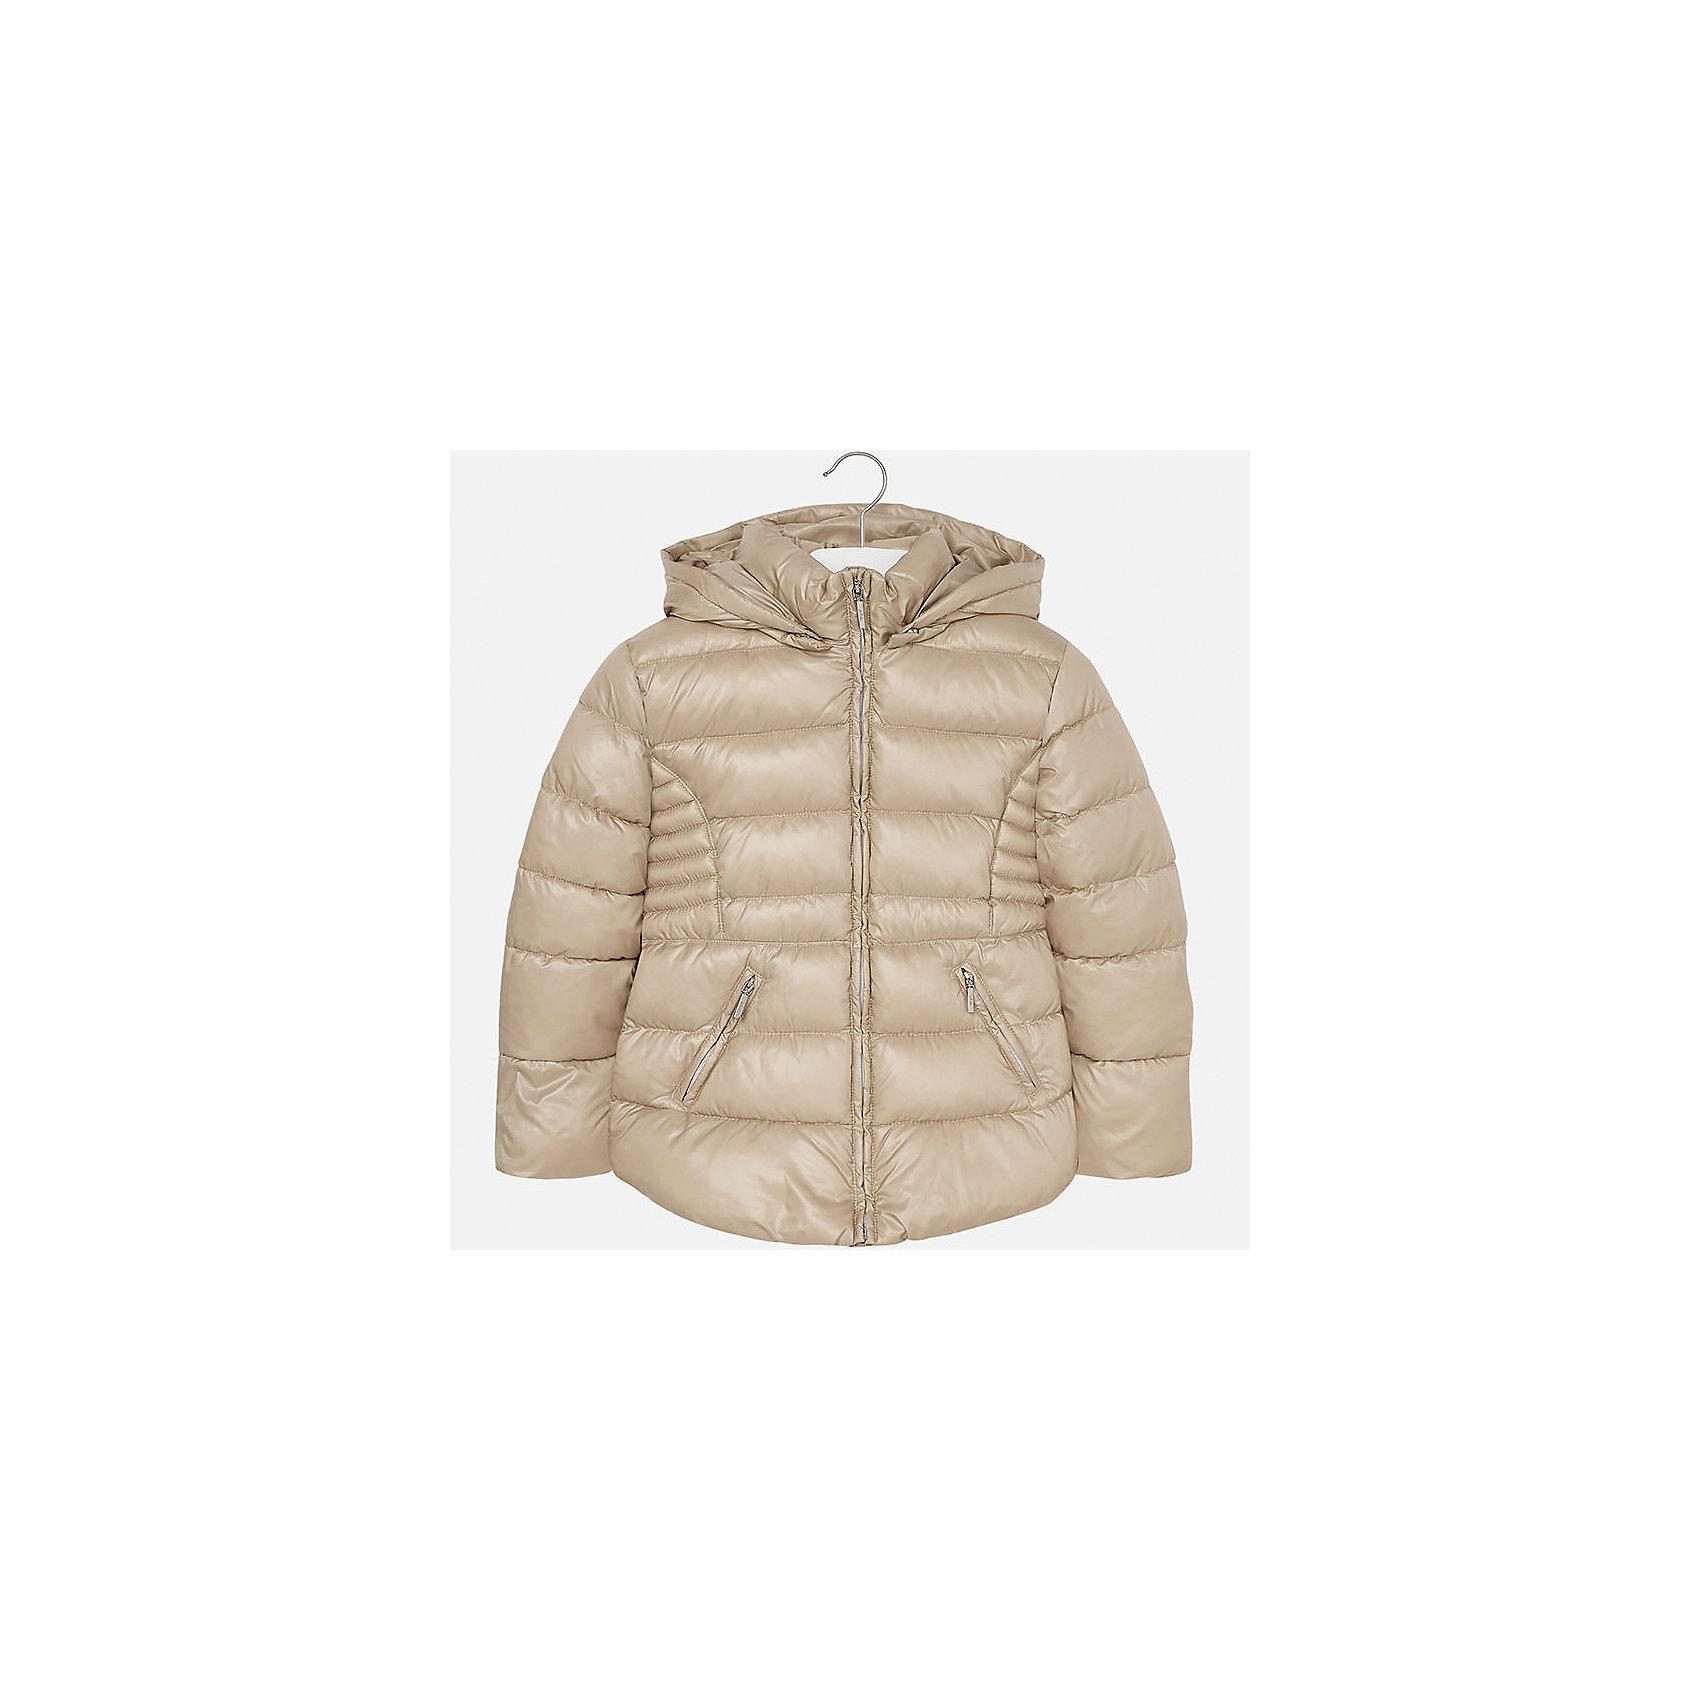 Куртка для девочки MayoralДемисезонные куртки<br>Характеристики товара:<br><br>• цвет: коричневый<br>• состав ткани: 100% полиэстер<br>• подкладка: 100% полиэстер<br>• утеплитель: 100% полиэстер<br>• сезон: демисезон<br>• температурный режим: от -10 до +10<br>• особенности куртки: дутая, с капюшоном<br>• капюшон: съемный<br>• застежка: молния<br>• страна бренда: Испания<br>• страна изготовитель: Индия<br><br>Однотонная детская куртка подойдет для прохладной погоды и небольшого мороза. Благодаря качественной ткани детской куртки для девочки создаются комфортные условия для тела. Стильная девочки для девочки отличается стильным продуманным дизайном.<br><br>Куртку для девочки Mayoral (Майорал) можно купить в нашем интернет-магазине.<br><br>Ширина мм: 356<br>Глубина мм: 10<br>Высота мм: 245<br>Вес г: 519<br>Цвет: бежевый<br>Возраст от месяцев: 168<br>Возраст до месяцев: 180<br>Пол: Женский<br>Возраст: Детский<br>Размер: 170,128/134,140,152,158,164<br>SKU: 6920129